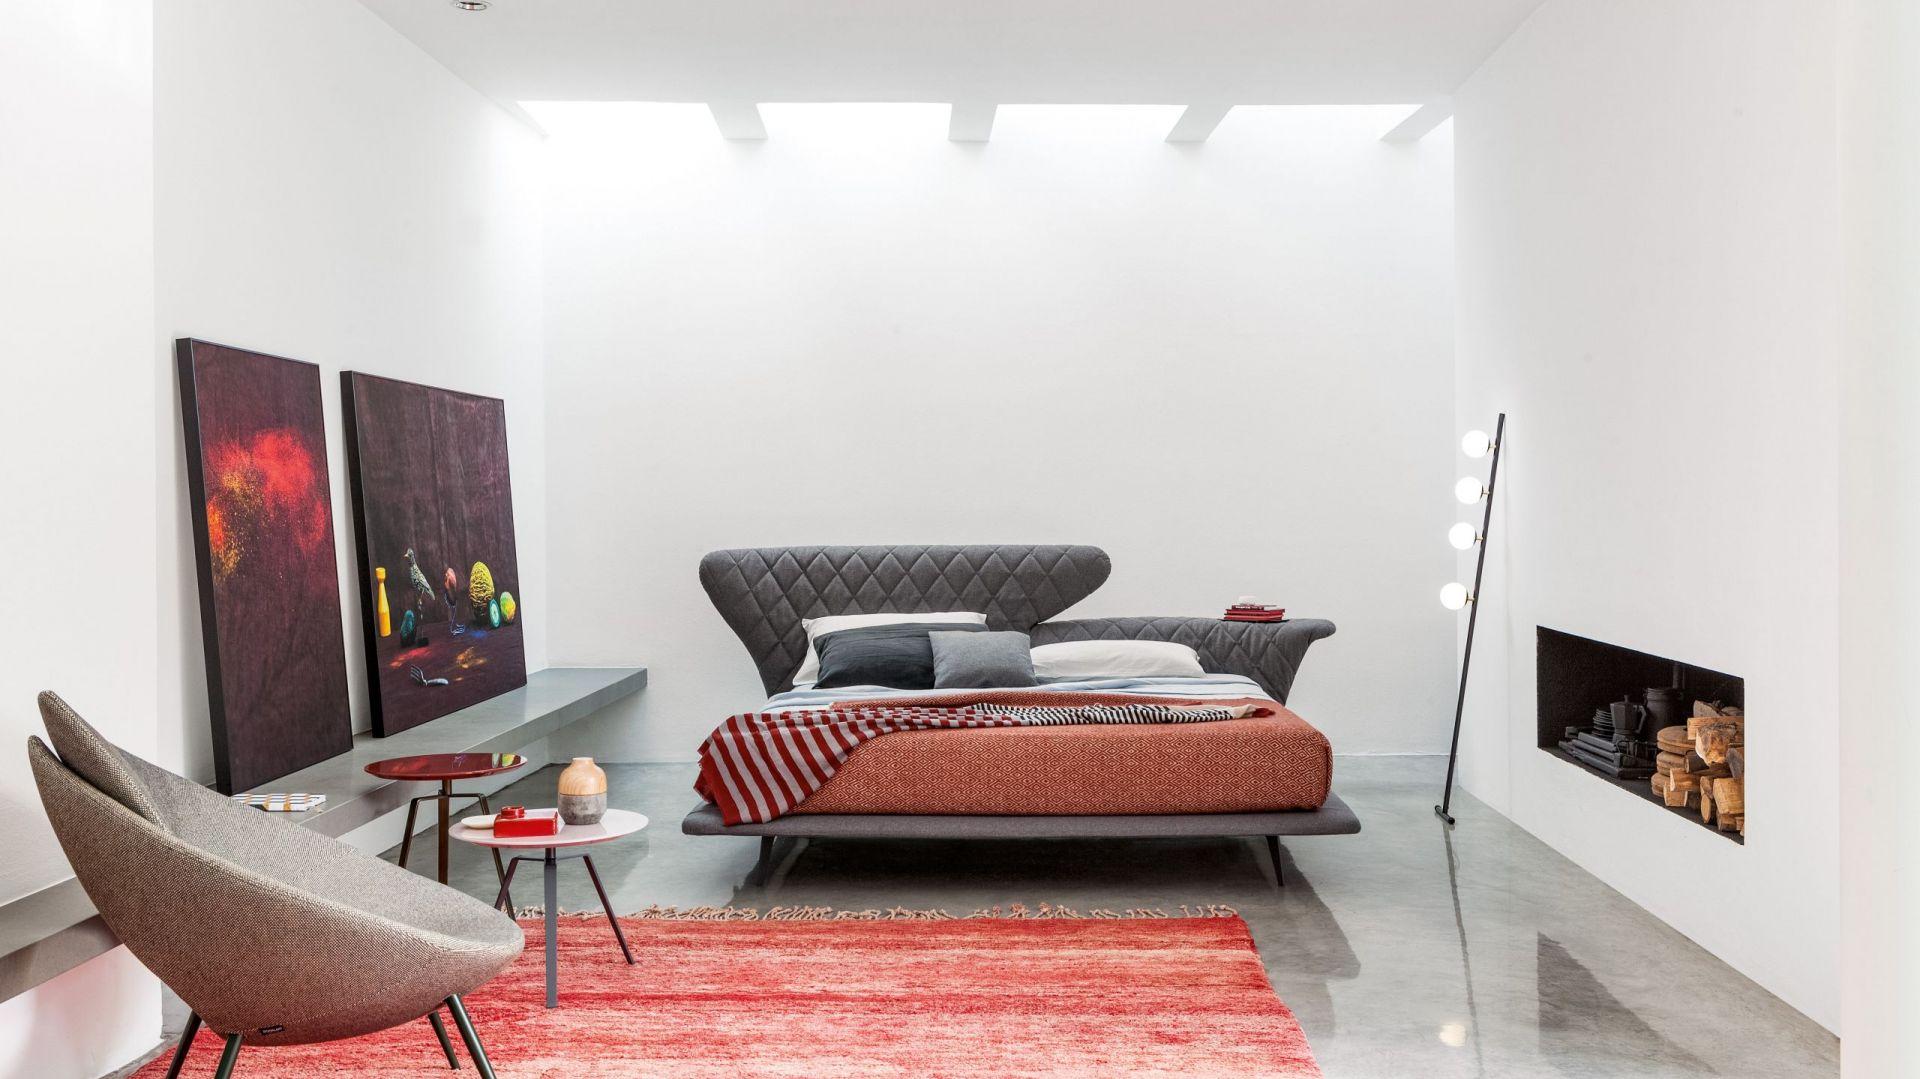 Łóżko Lovy (proj. Sergio Bicego) wyróżnia niezwykły pikowany zagłówek z wzorem rombu, który pełni jednocześnie funkcję efektownego oparcia i praktycznego blatu. Fot. Bonaldo